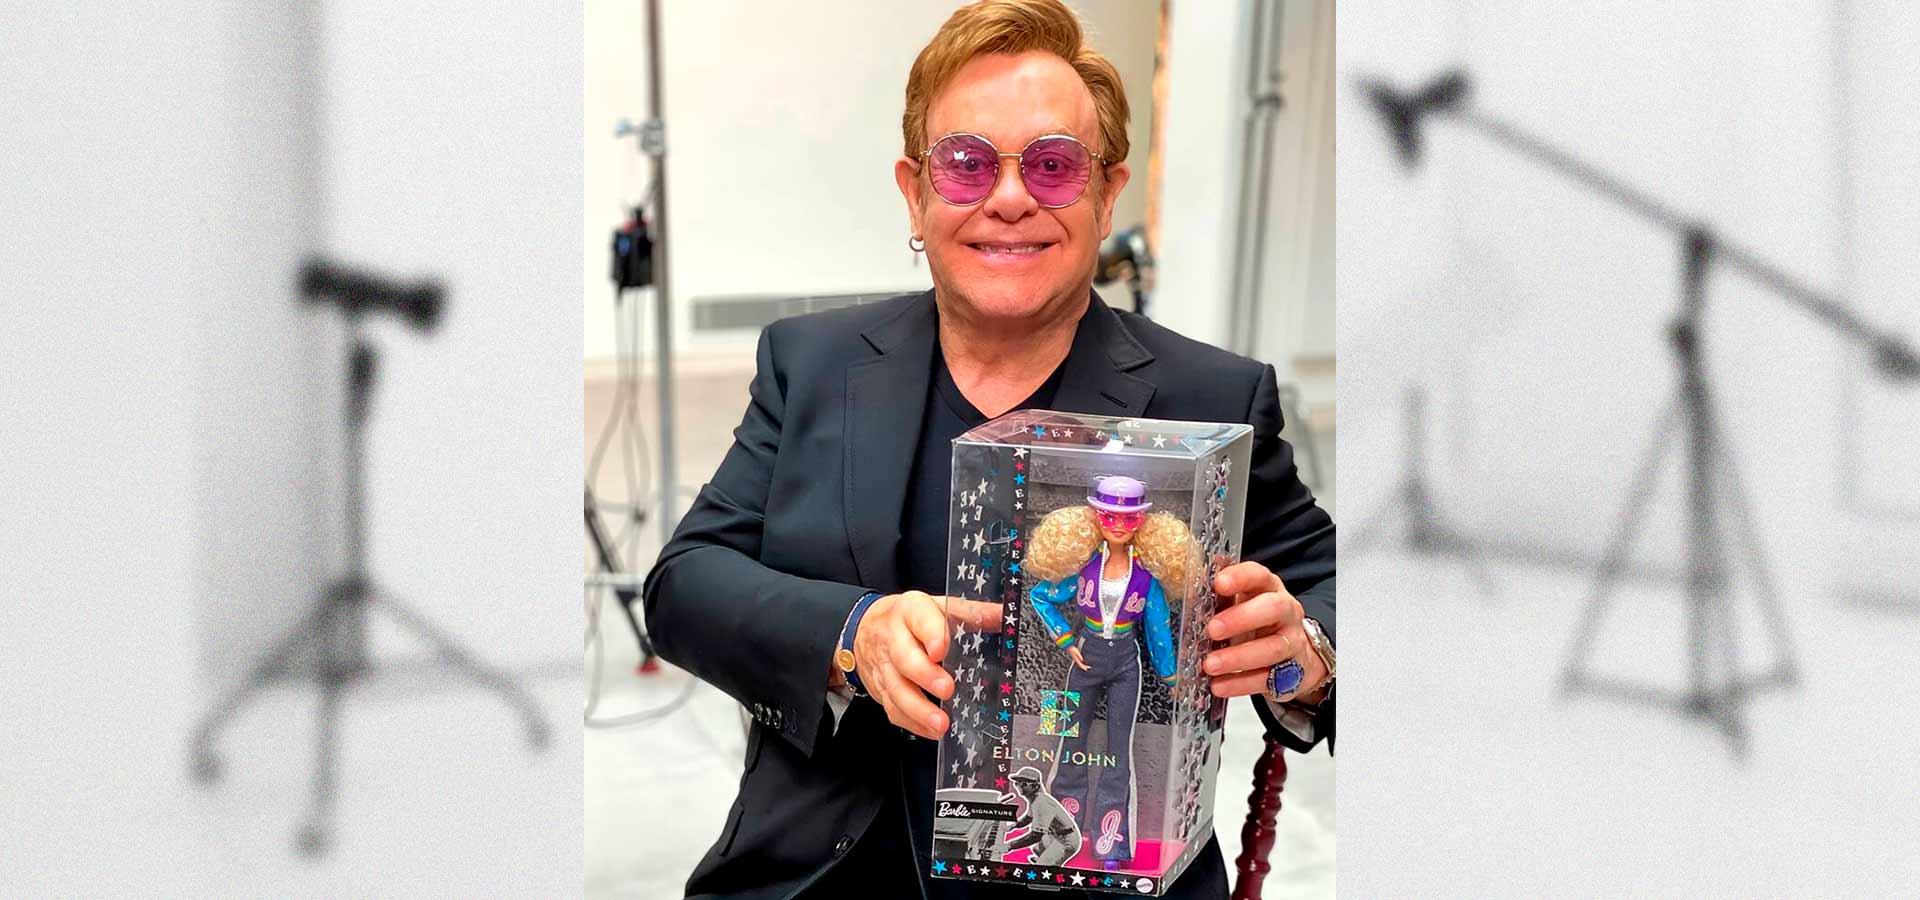 Компания Mattel выпустила куклу Барби в честь Элтона Джона